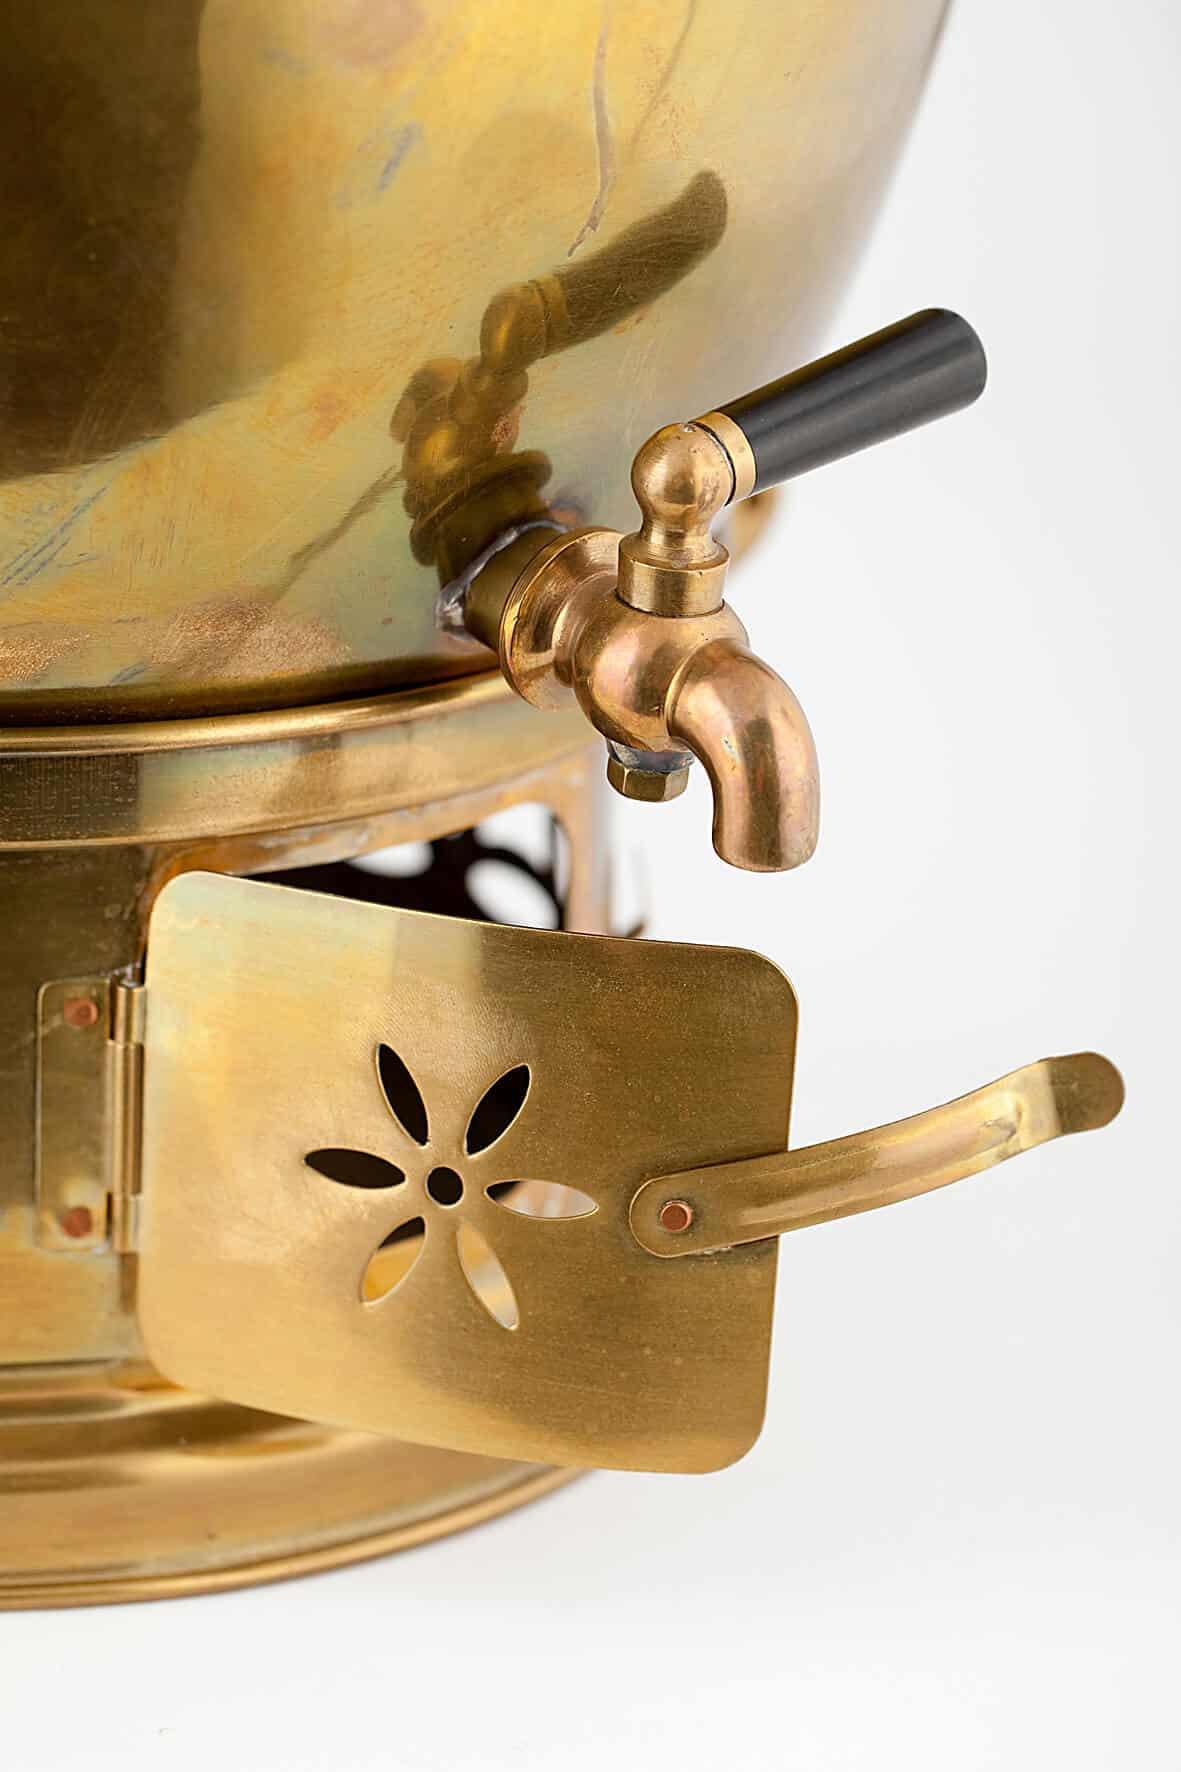 КБ 454 | Бачок для кипячения воды с жаровней | Музей самоваров и бульоток